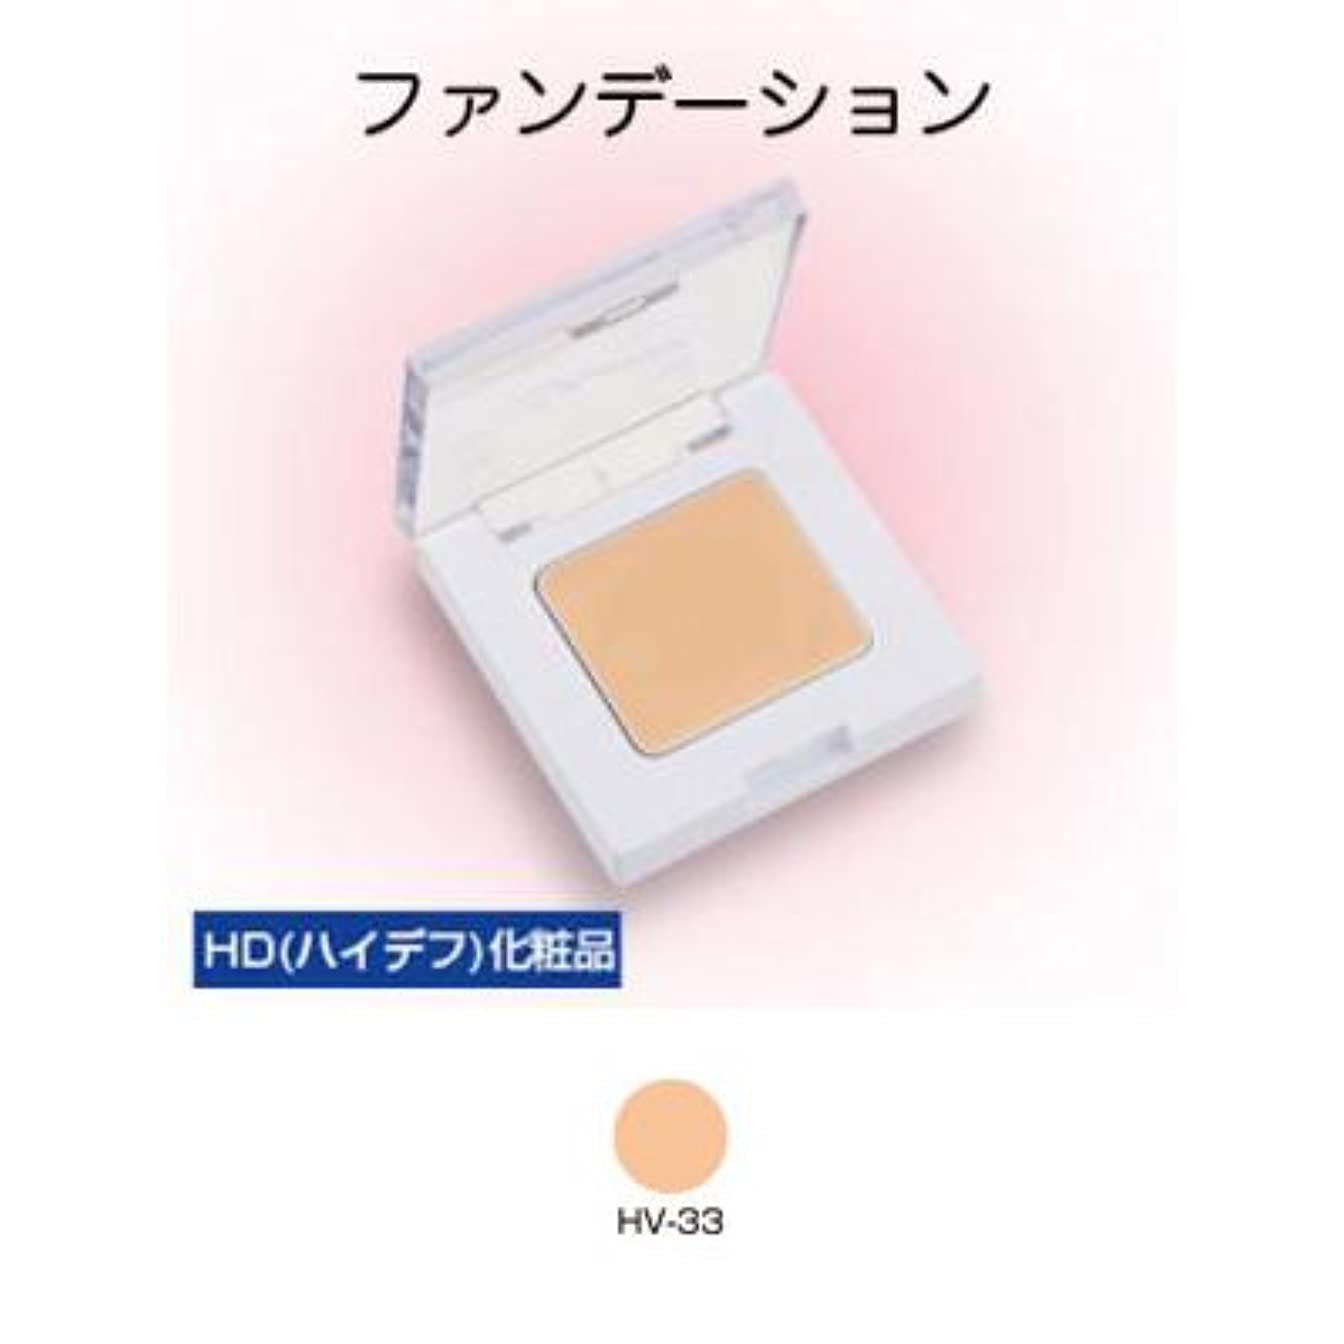 タイプライター発言する気晴らしシャレナ カバーファンデーション ミニ HV-33 【三善】